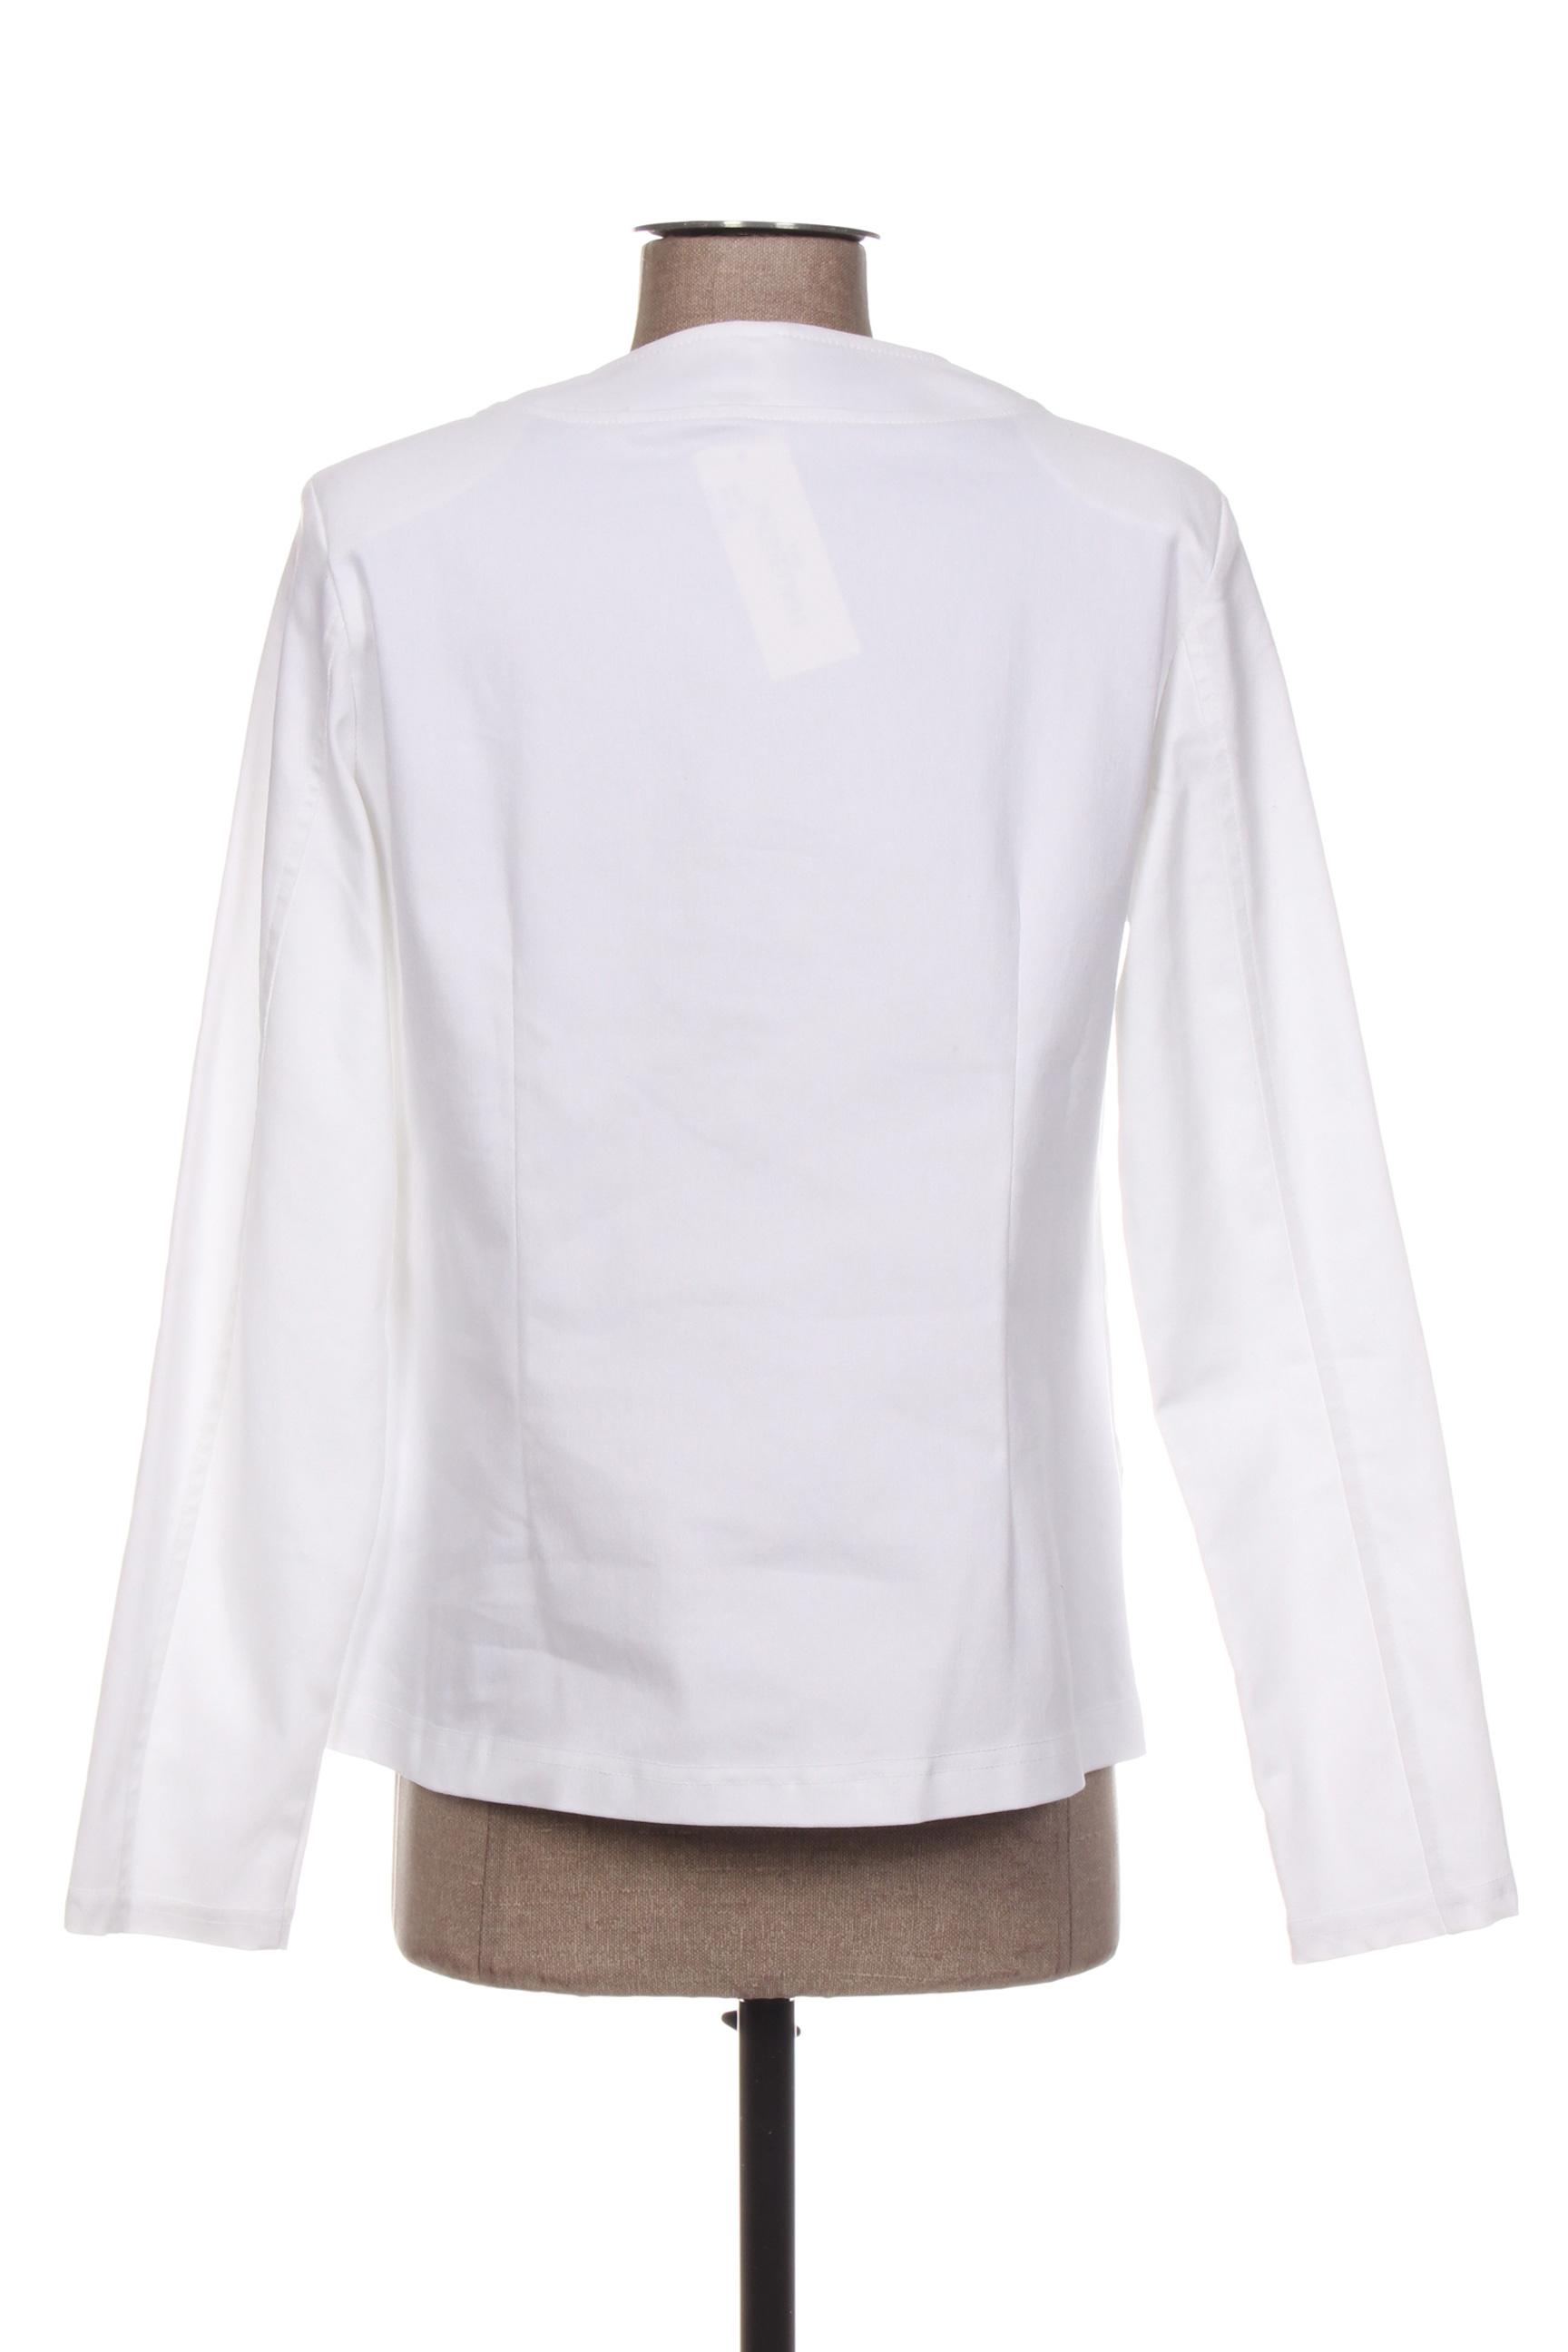 Halogene Vestechic Femme De Couleur Blanc En Soldes Pas Cher 1390974-blanc0